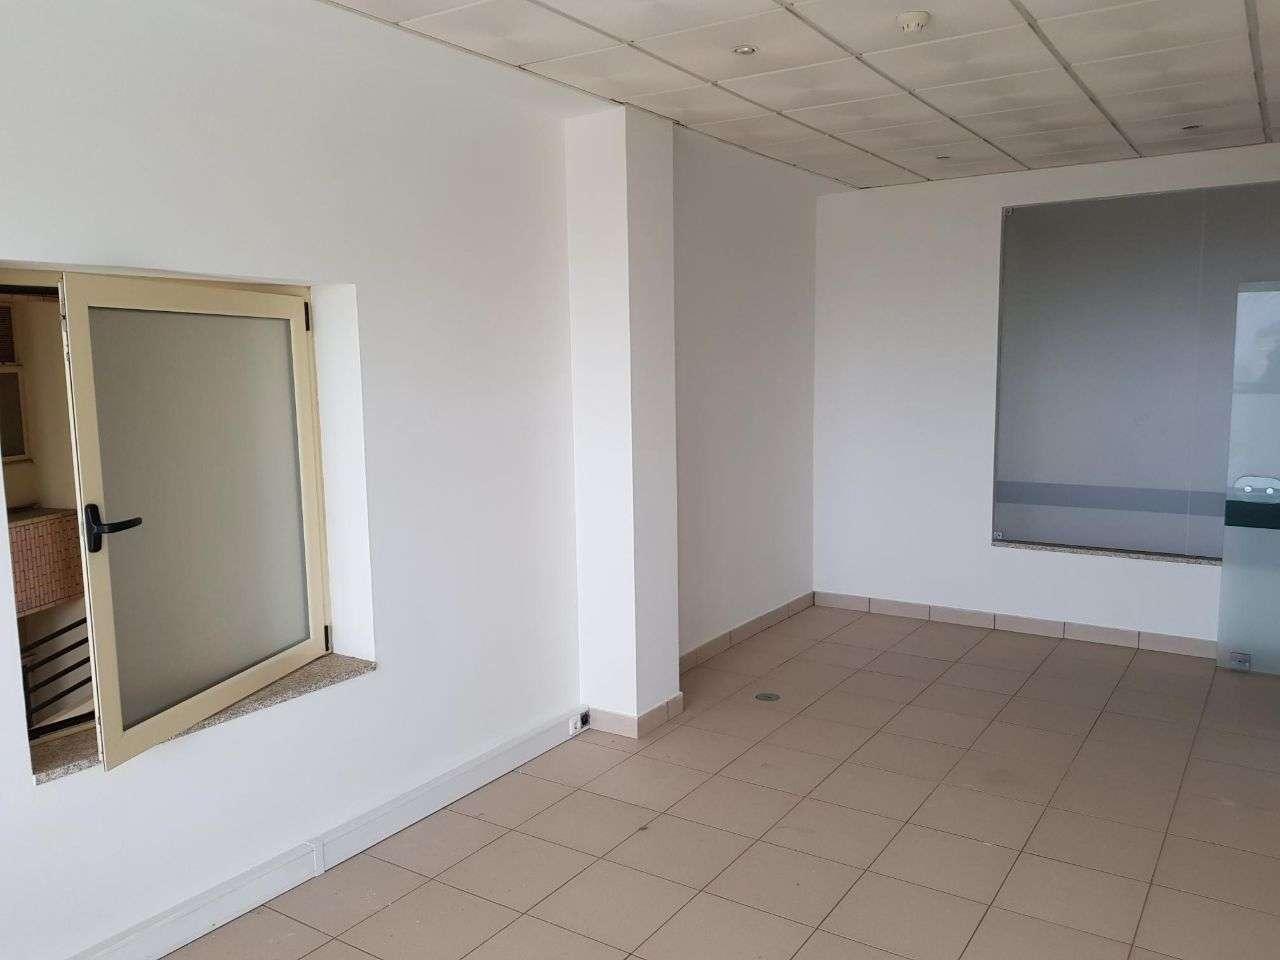 Escritório para arrendar, Esmoriz, Aveiro - Foto 2